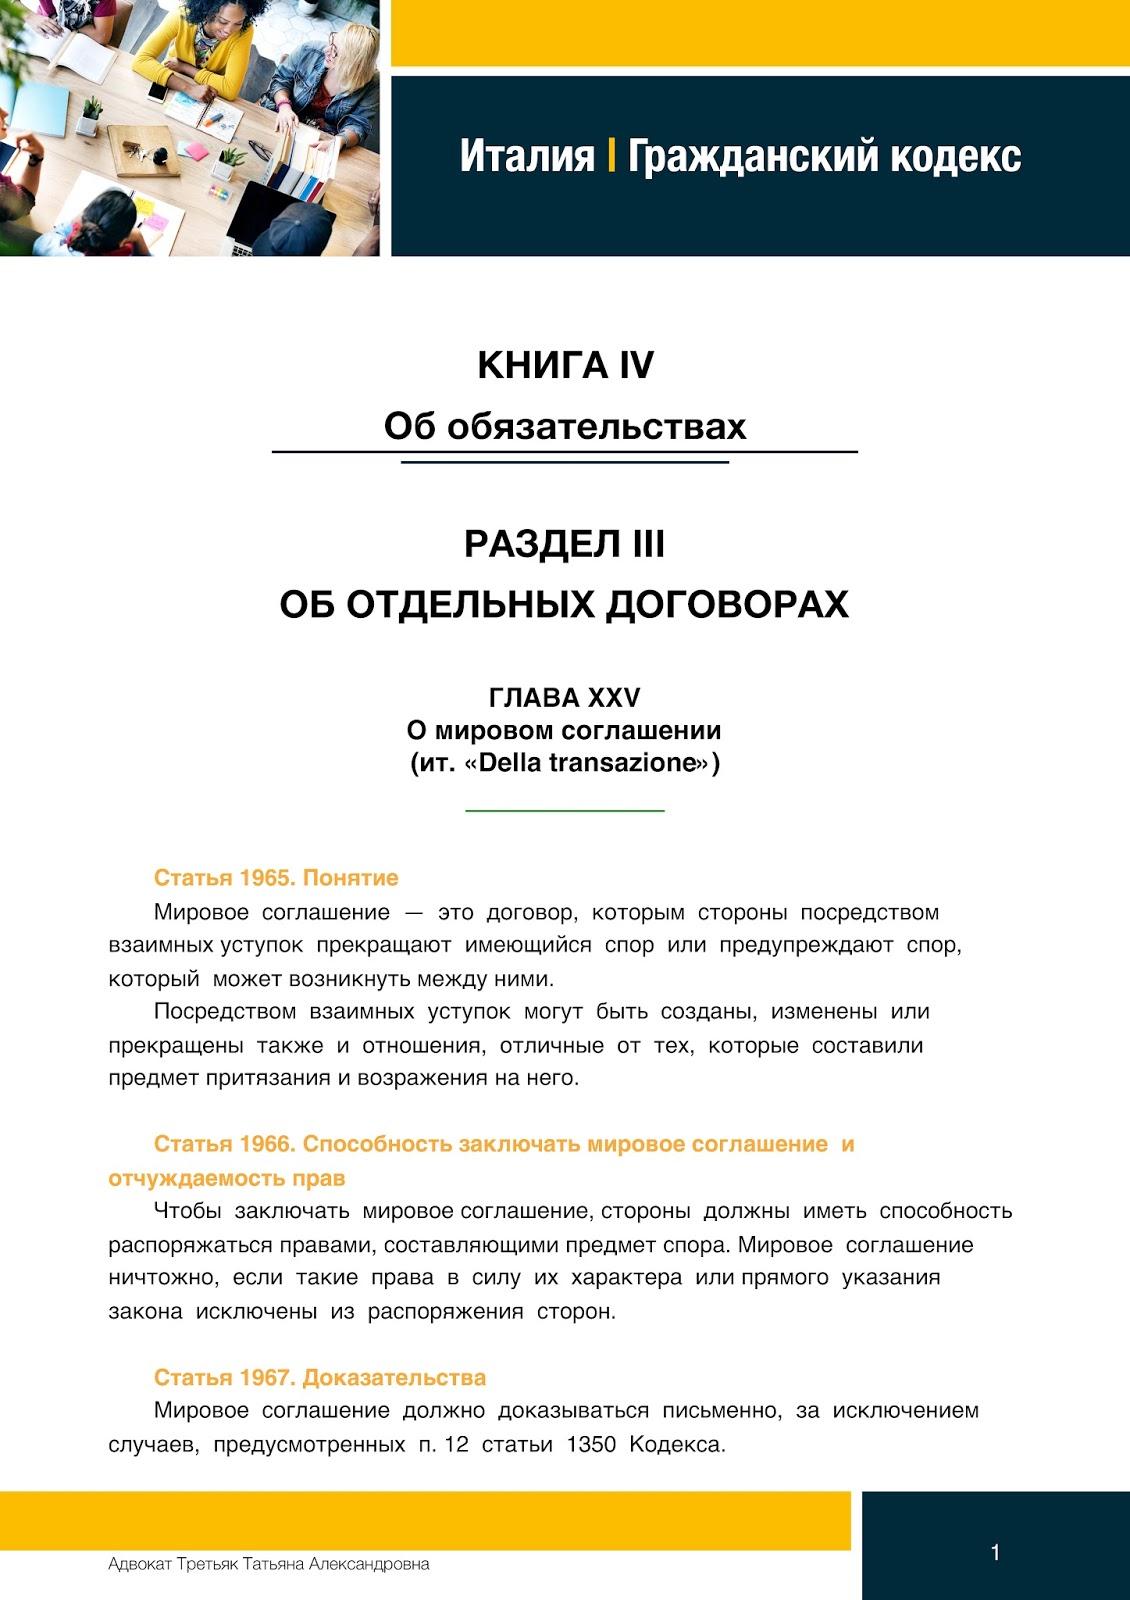 Гражданский кодекс скачать в pdf